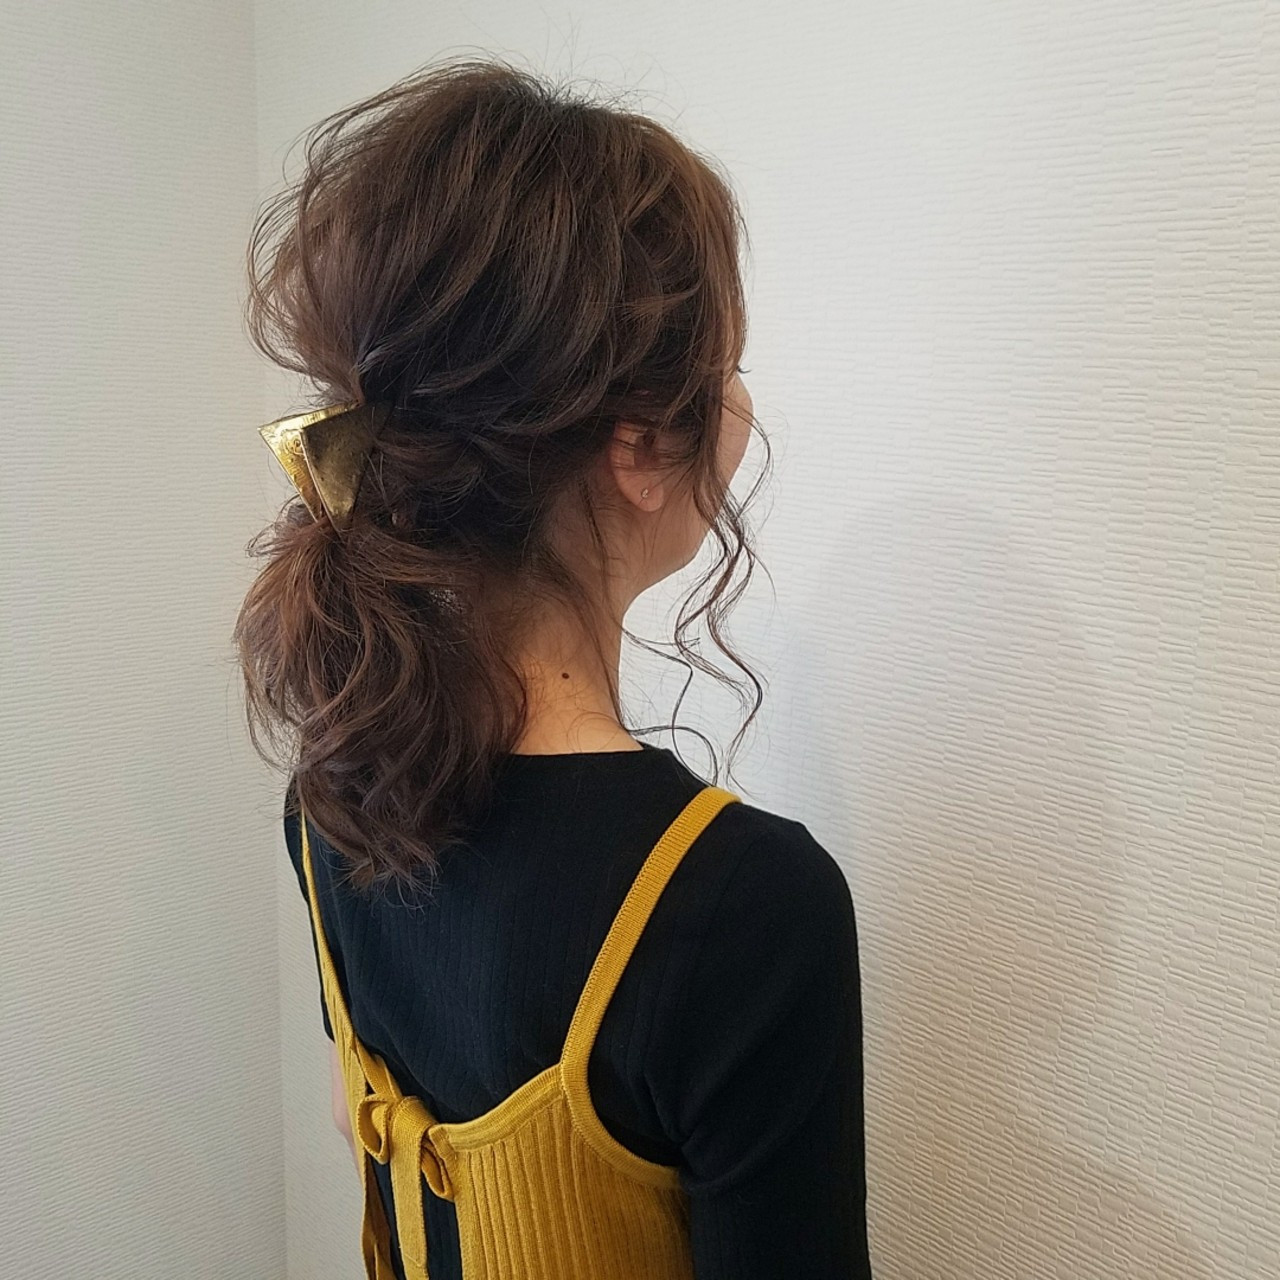 ヘアアレンジ フェミニン ミディアム アップスタイル ヘアスタイルや髪型の写真・画像